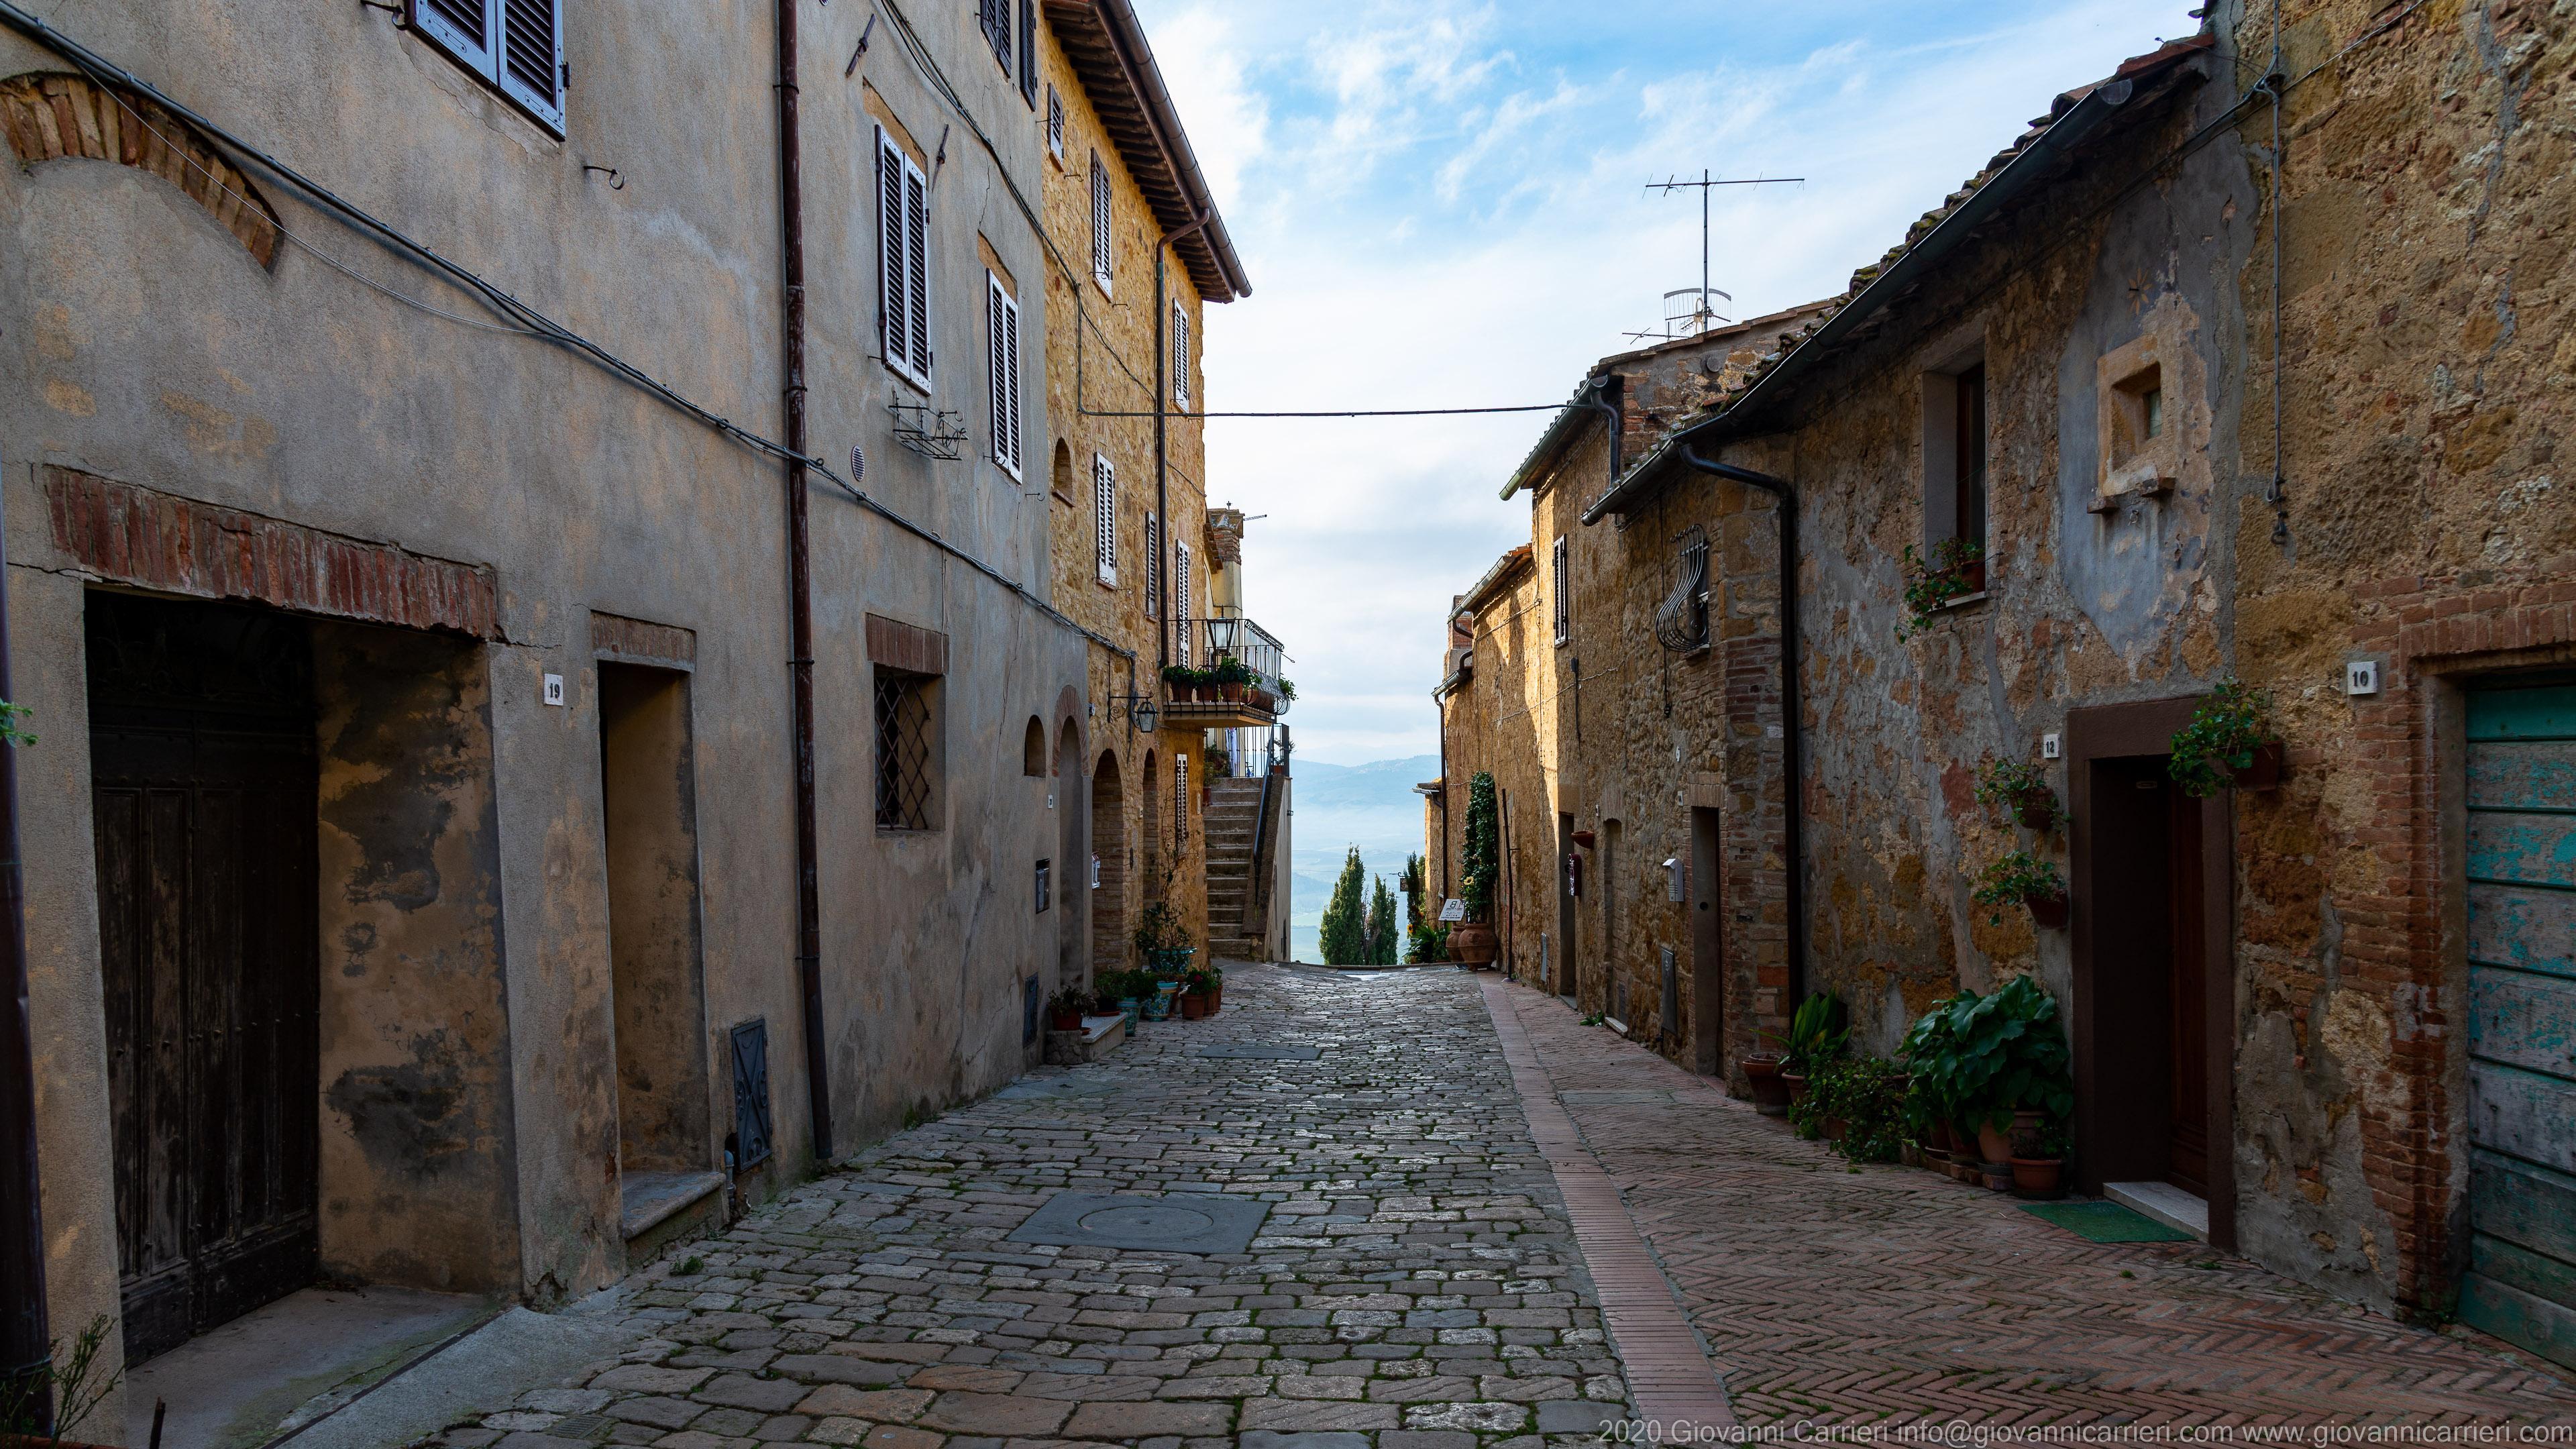 Via Gozzante